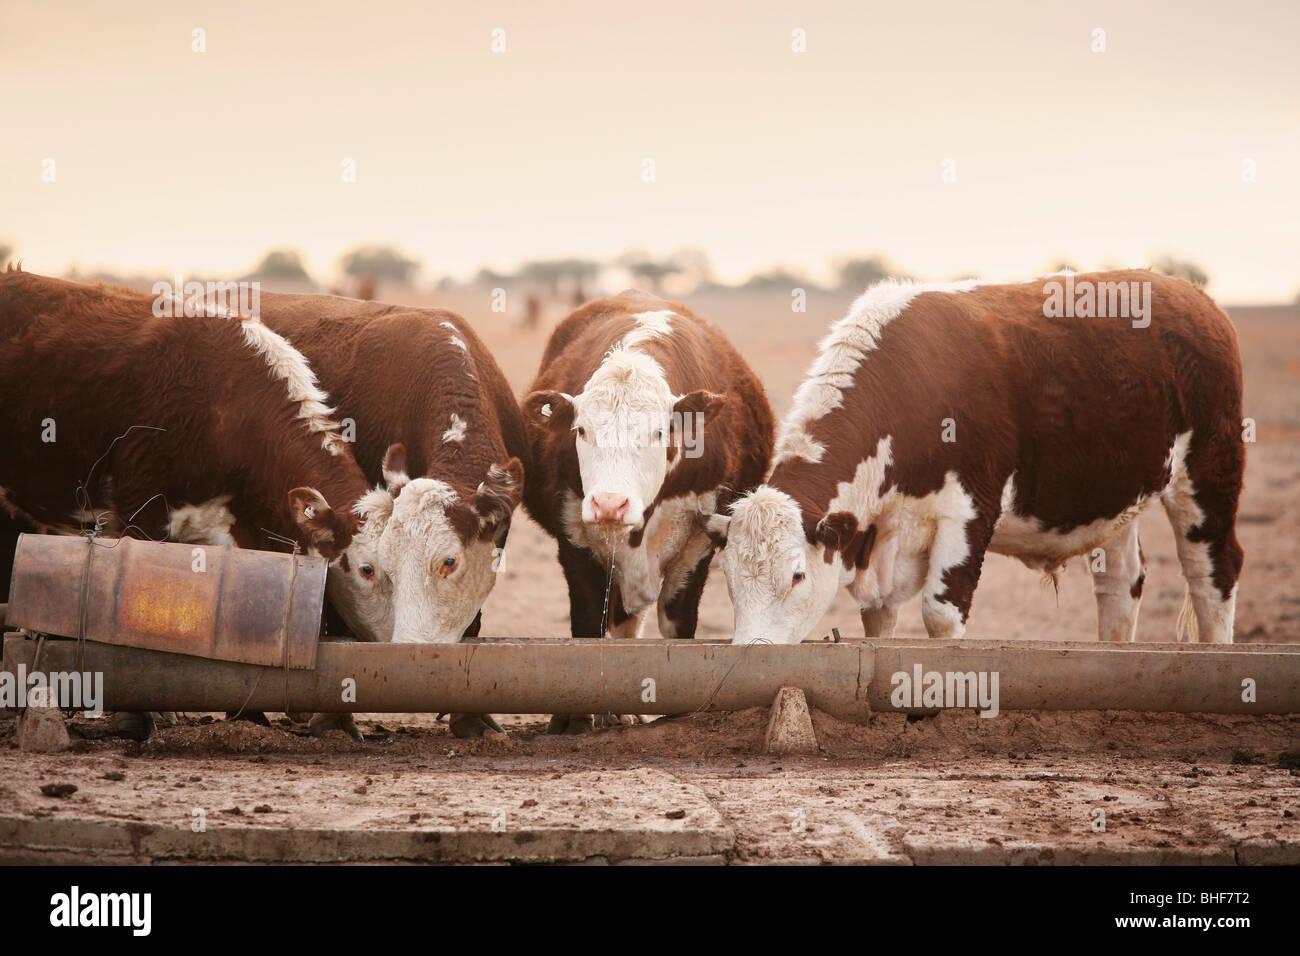 Cattle on barren land Australia - Stock Image